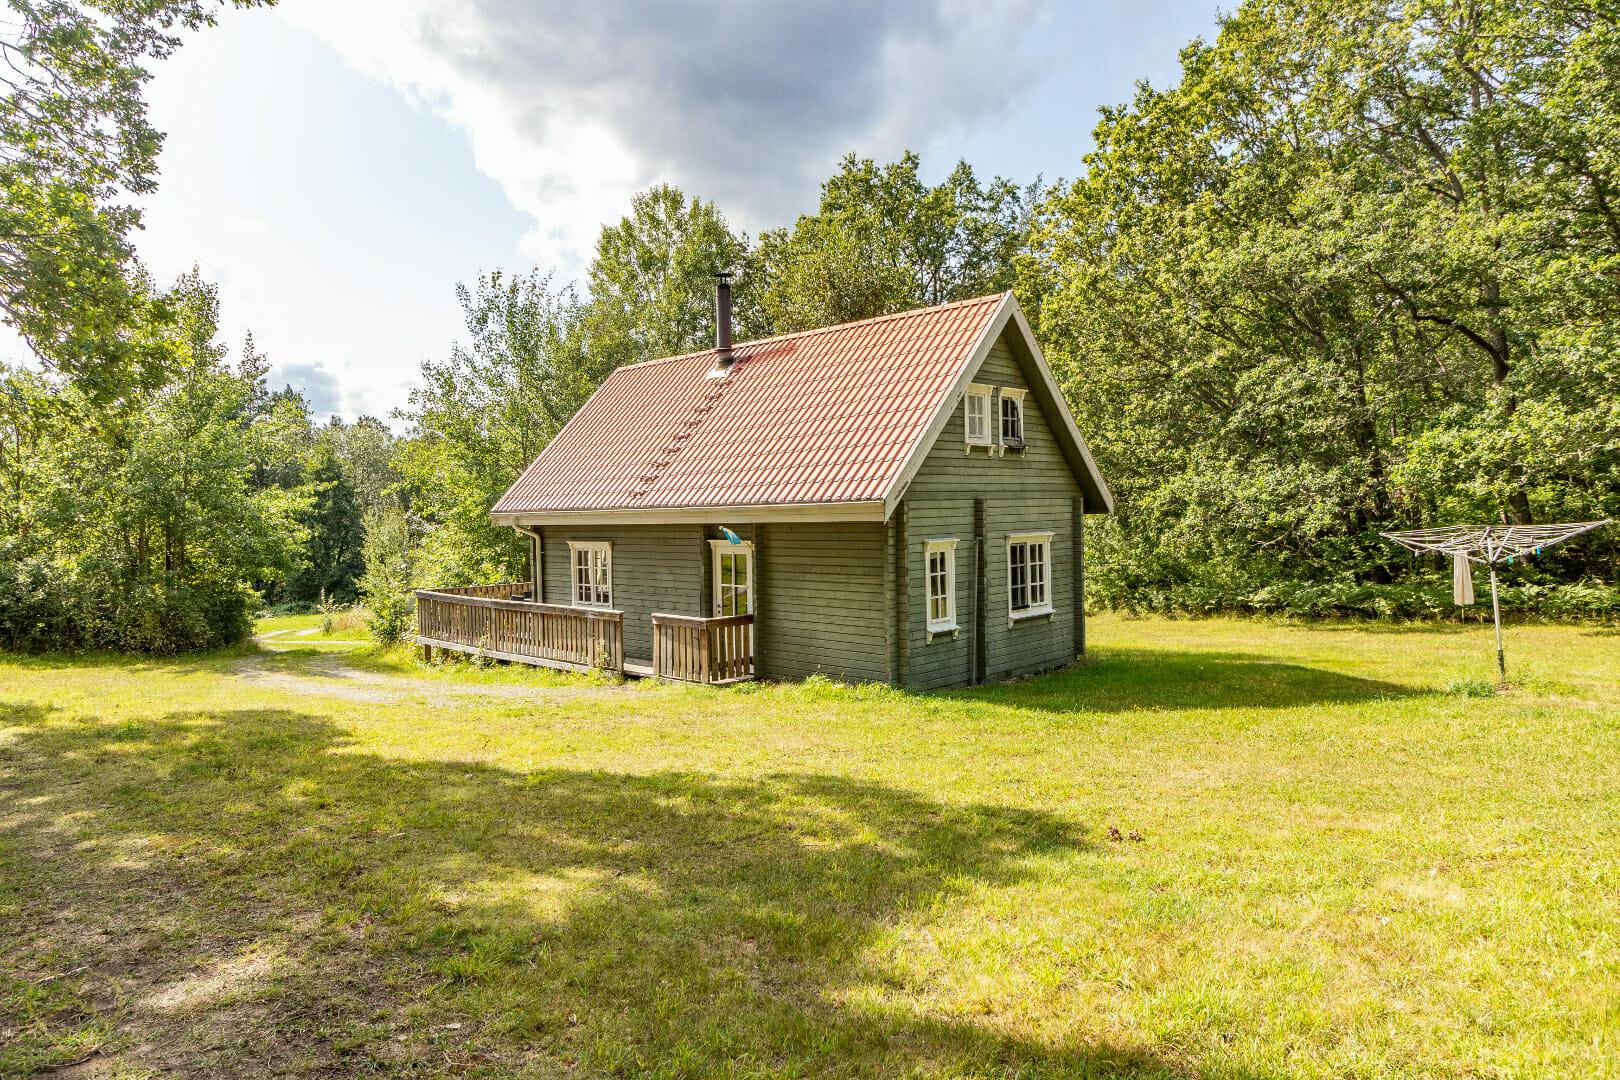 FerienhausGunnebo-14.jpg